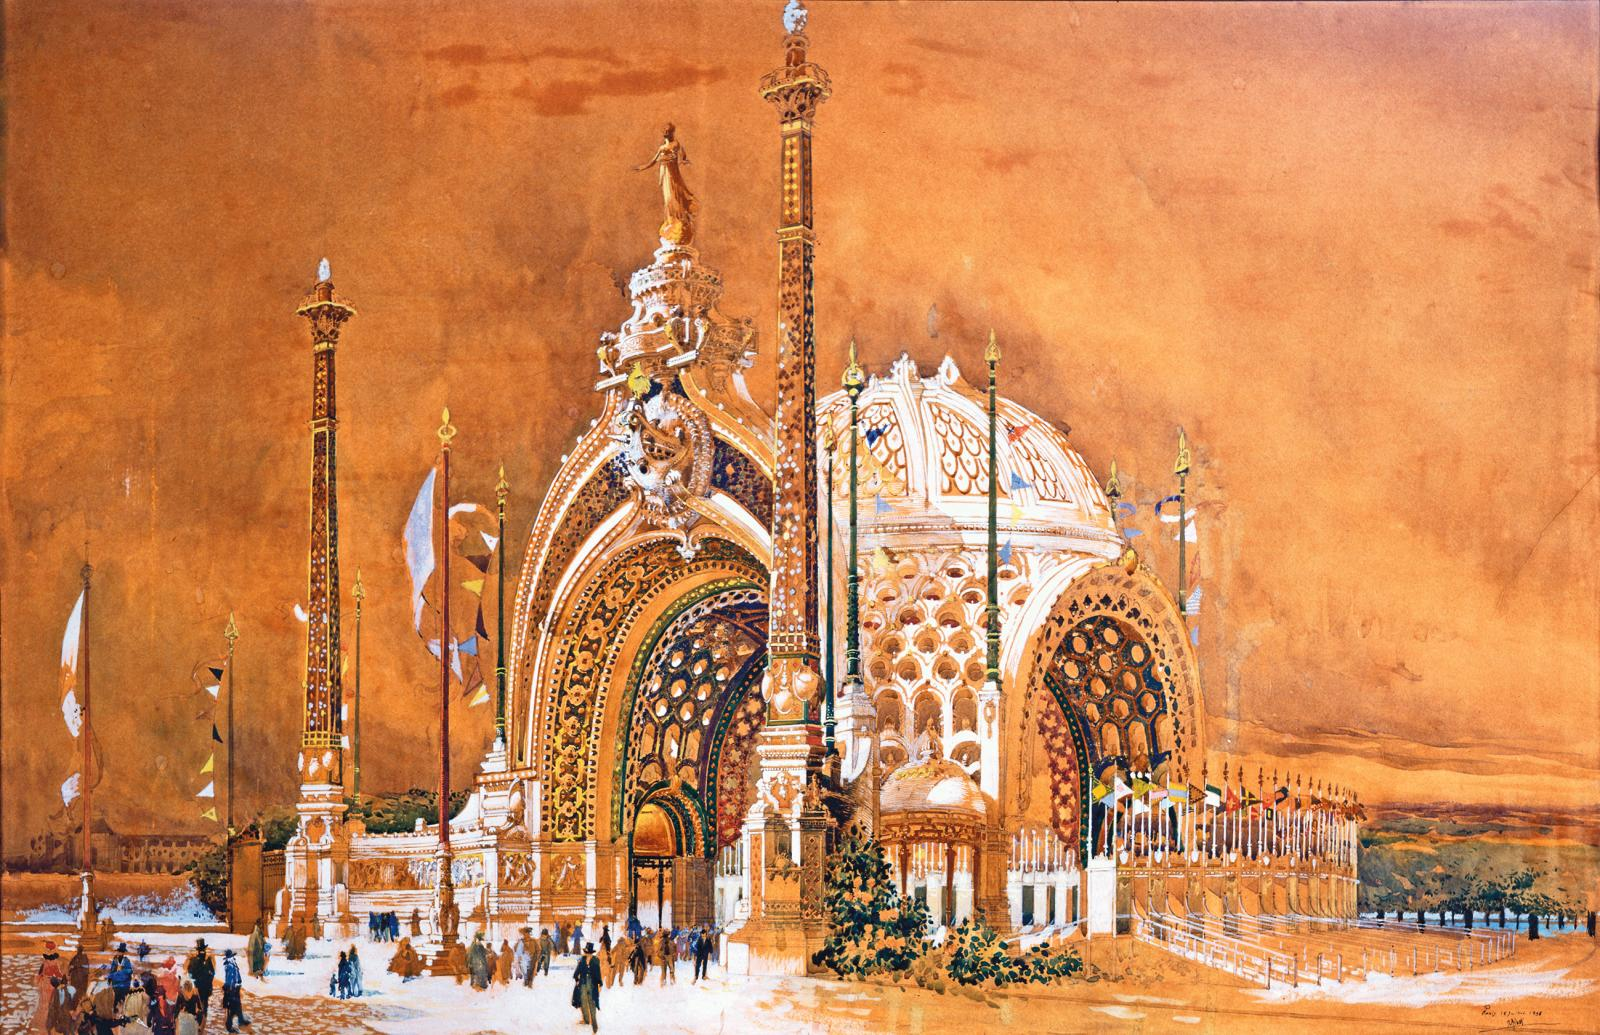 René Binet,Projet pour la porte monumentale de l'Exposition universelle de 1900, 1898, aquarelle, 62 x 95 cm, Musées de Sens.